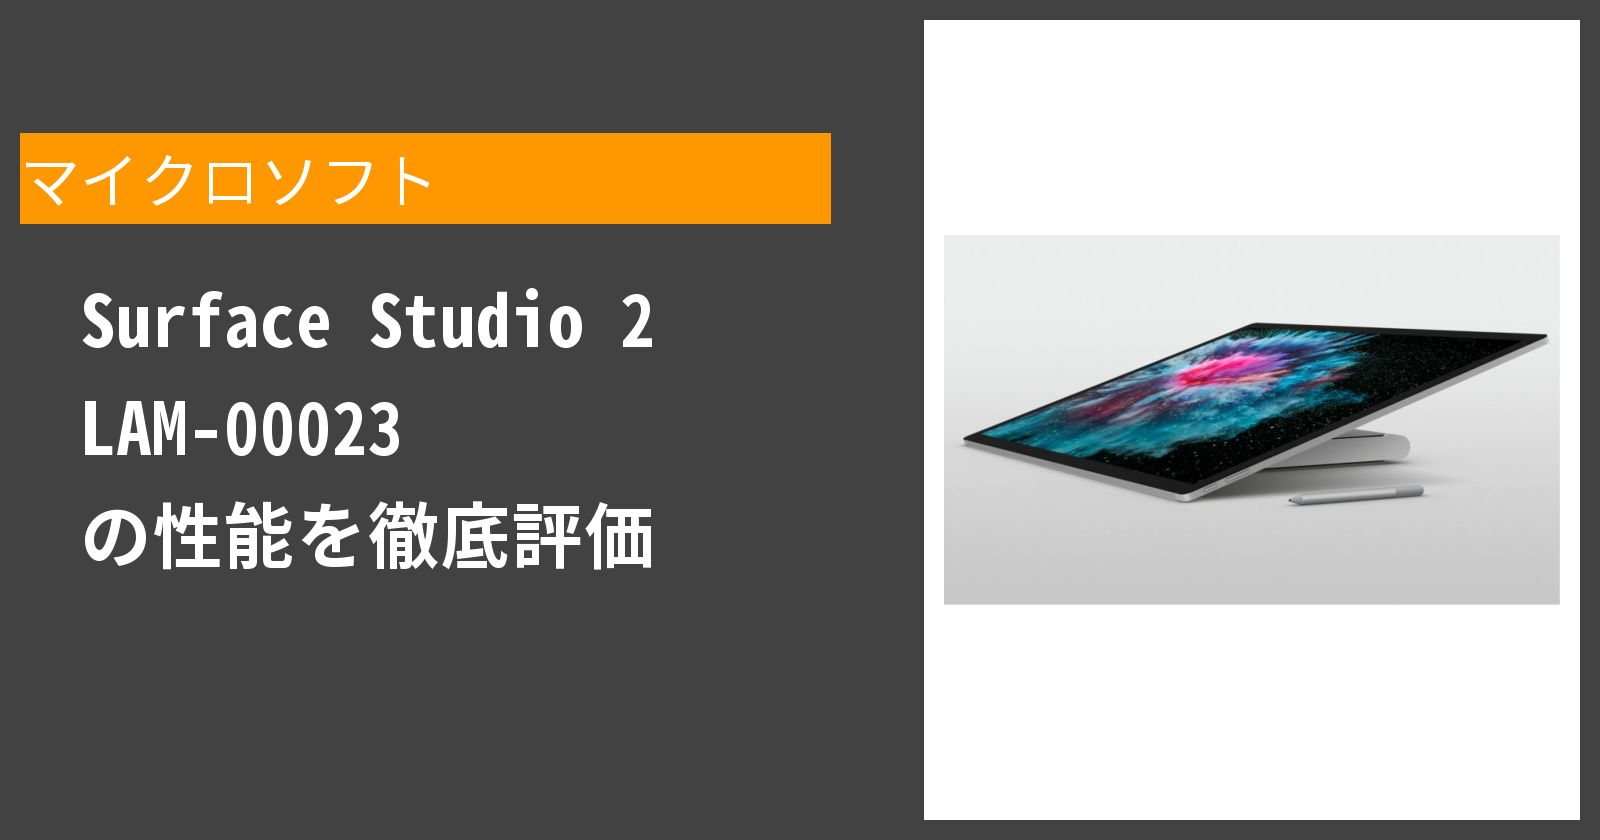 Surface Studio 2 LAM-00023 の性能を徹底評価